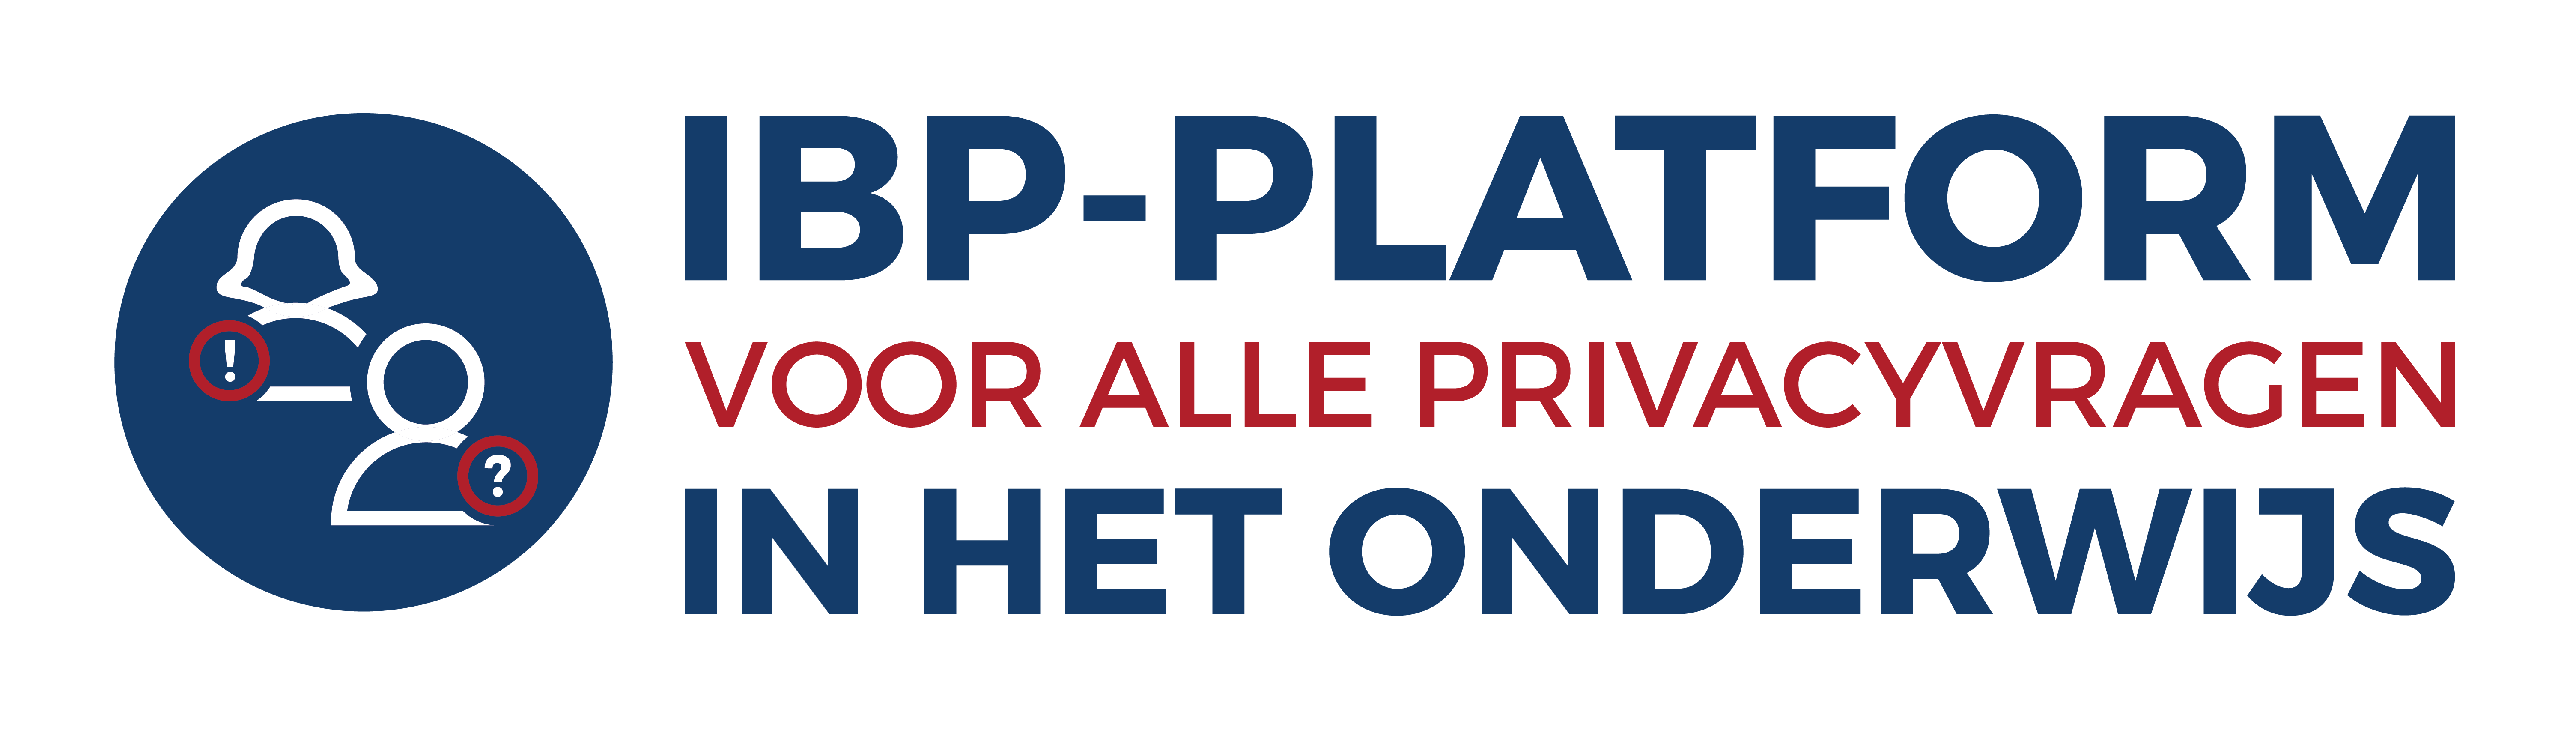 IBP-platform